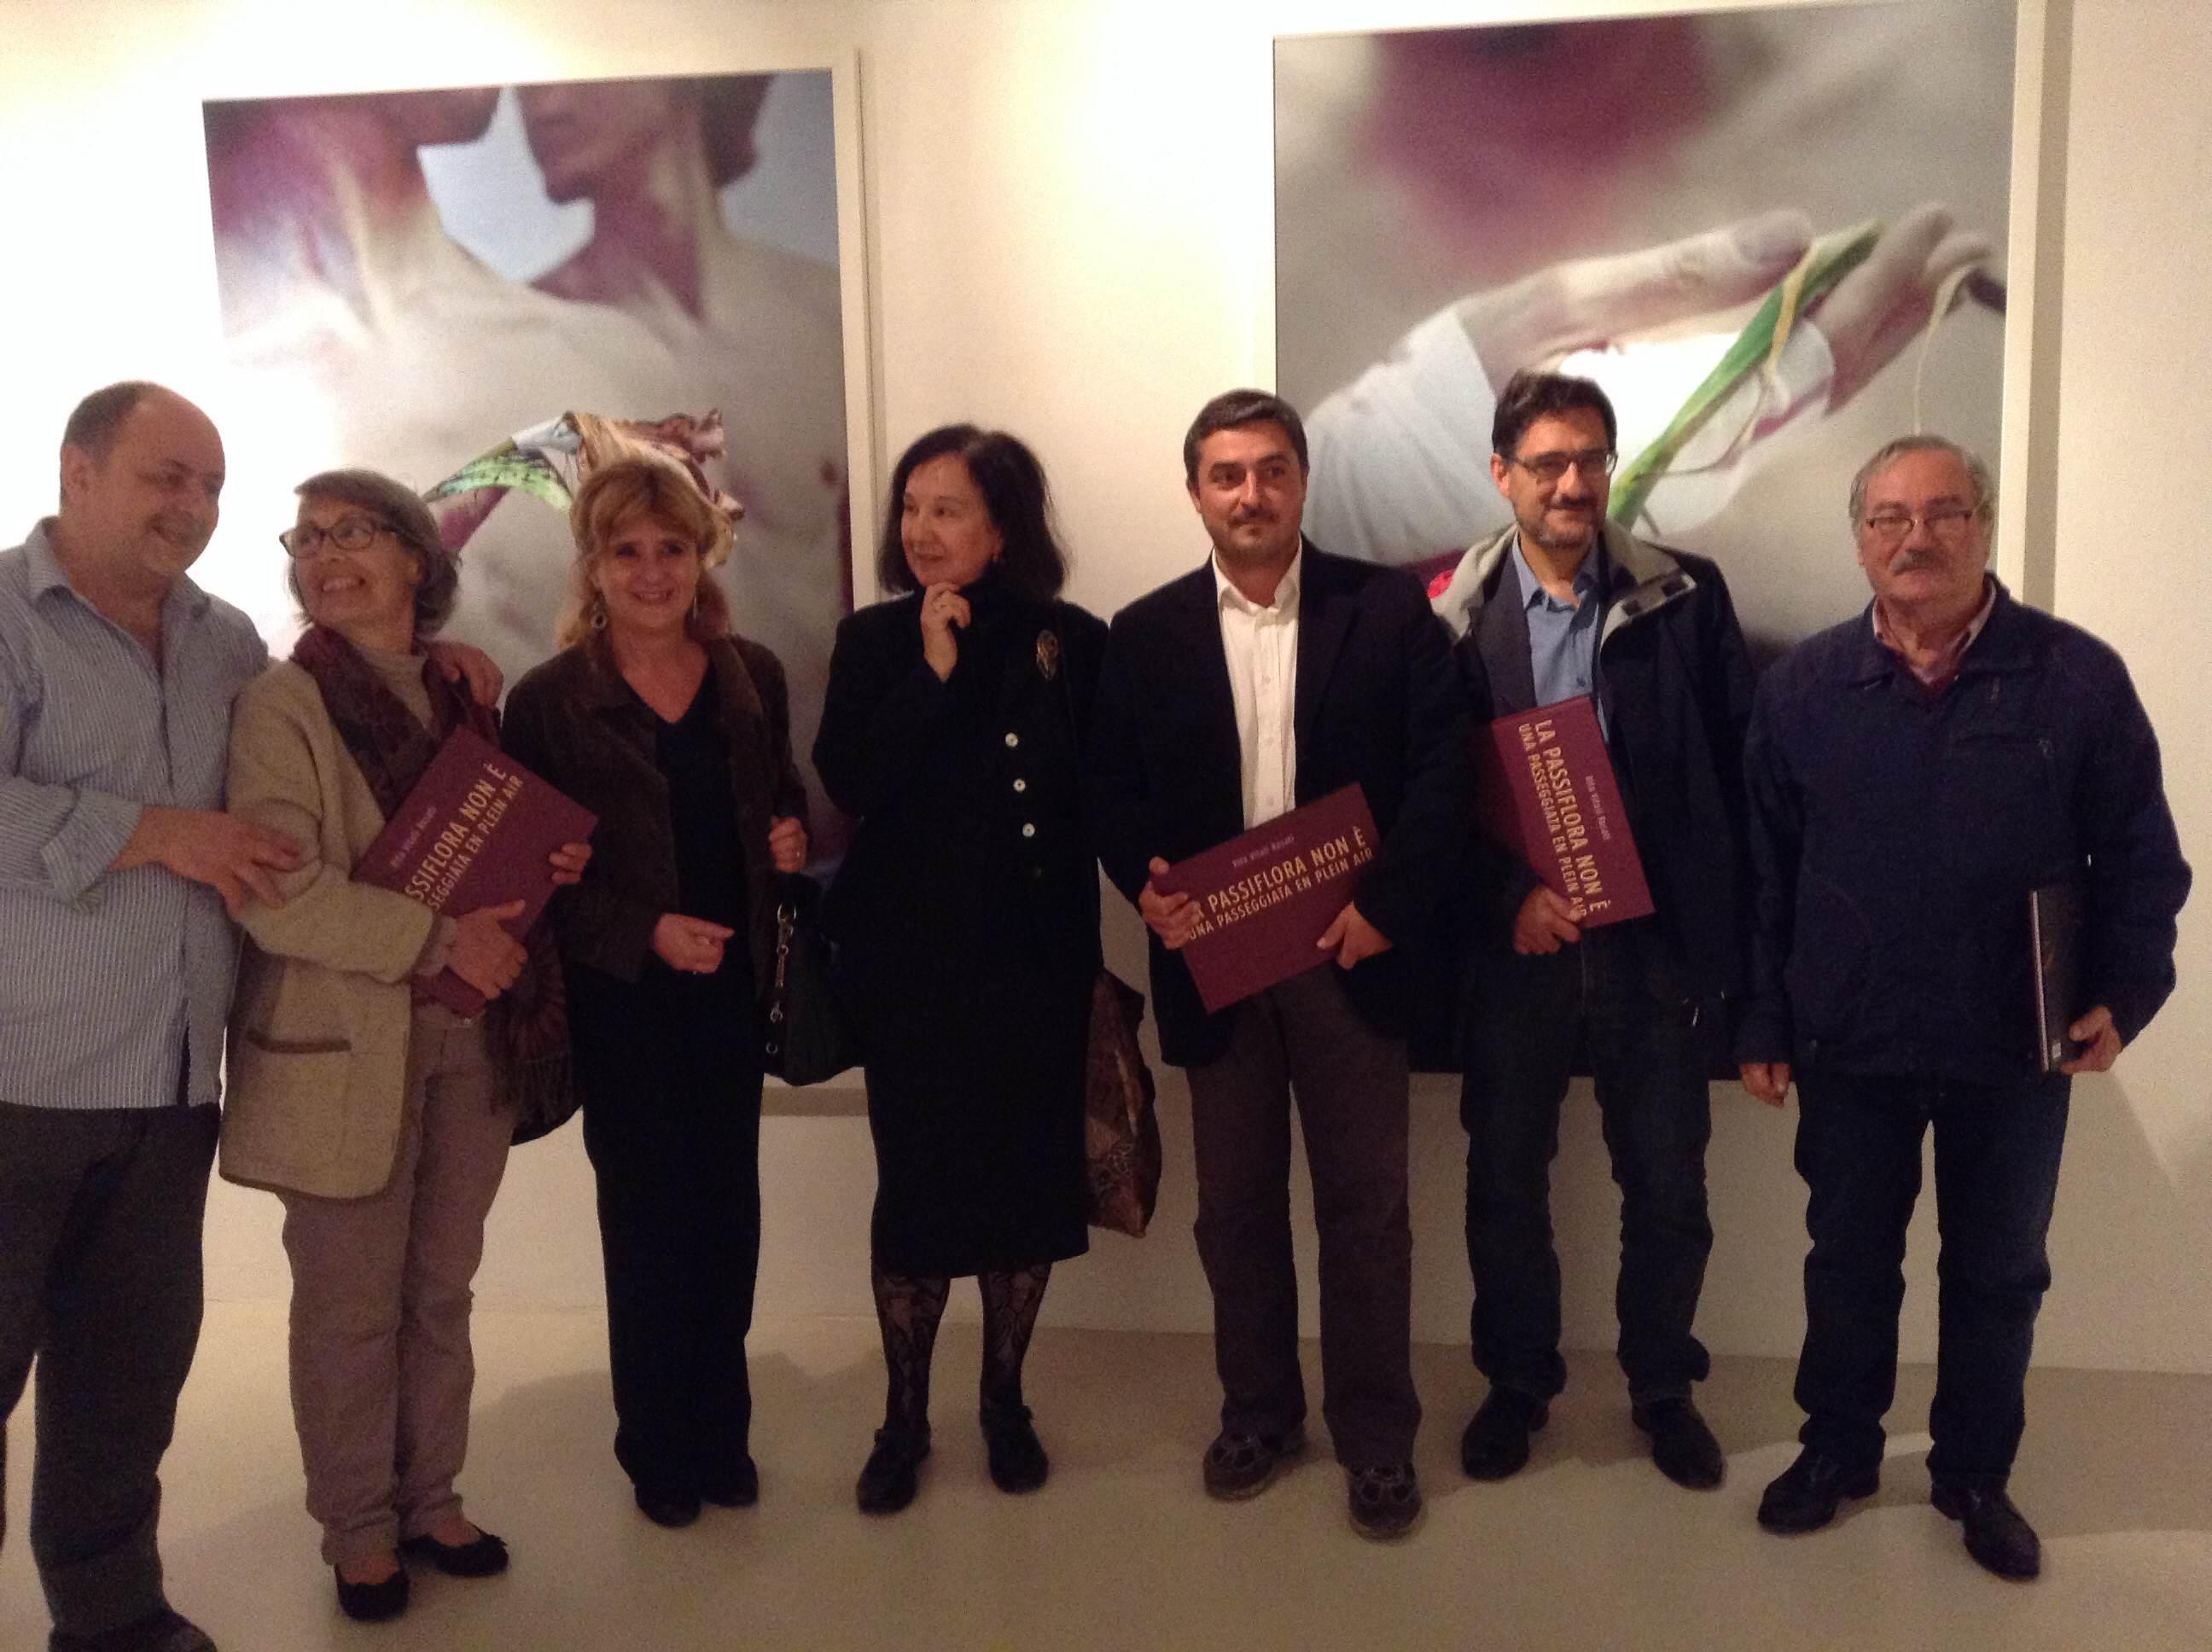 Rita Vitali Rossi e alcuni amici presenti alla presentazione del suo libro alla Galleria Marconi